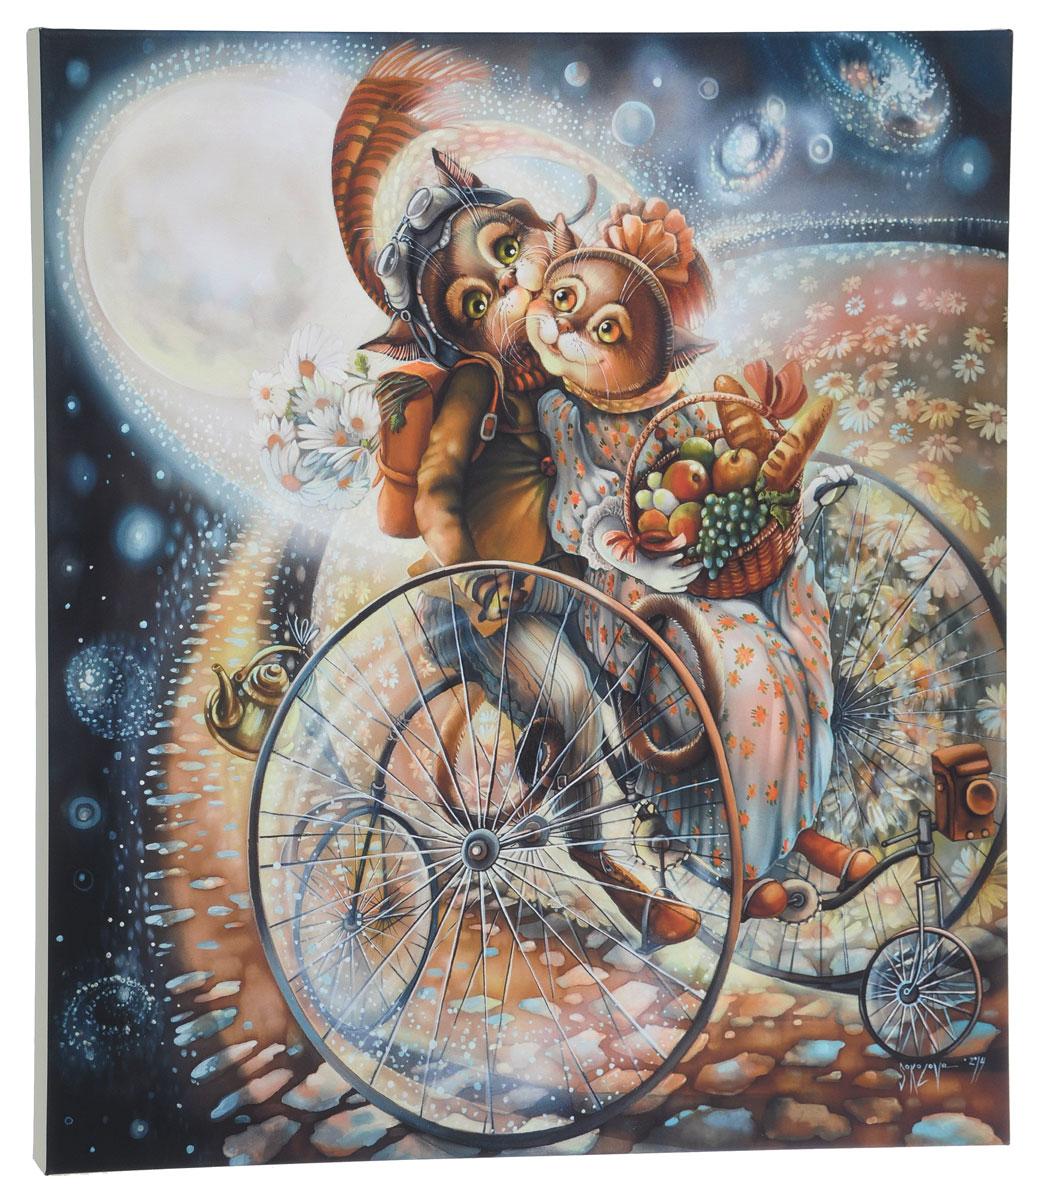 КвикДекор Картина детская Пикник на обочине1-A-151Картина КвикДекор Пикник на обочине художника Надежды Соколовой дополнит обстановку интерьера нежными красками и необычным оформлением.Изделие представляет собой картину с латексной печатью на натуральном хлопчатобумажном холсте. Галерейная натяжка на деревянный подрамник выполнена очень аккуратно, а боковые части картины запечатаны тоновой заливкой. Обратная сторона подрамника содержит отверстие, благодаря которому картину можно легко закрепить на стене и подкорректировать ее положение.Автор картины Надежда Соколова родилась в 1973 году в городе Дрездене. В 1986-90 годах училась в Художественной школе города Новгорода. В 1995 году окончила с отличием рекламное отделение Новгородского училища культуры. В 2000 году защитила диплом на факультете Искусств и Технологий НовГУ имени Ярослава Мудрого. Выставляется с 1996 года. Работает в техниках: живопись, графика, батик, лаковая миниатюра, авторская кукла. Является автором оригинального стиля в миниатюре.Картина КвикДекор Пикник на обочине - вдохновляющее декоративное решение, привносящее в интерьер нотки творчества и изысканности!